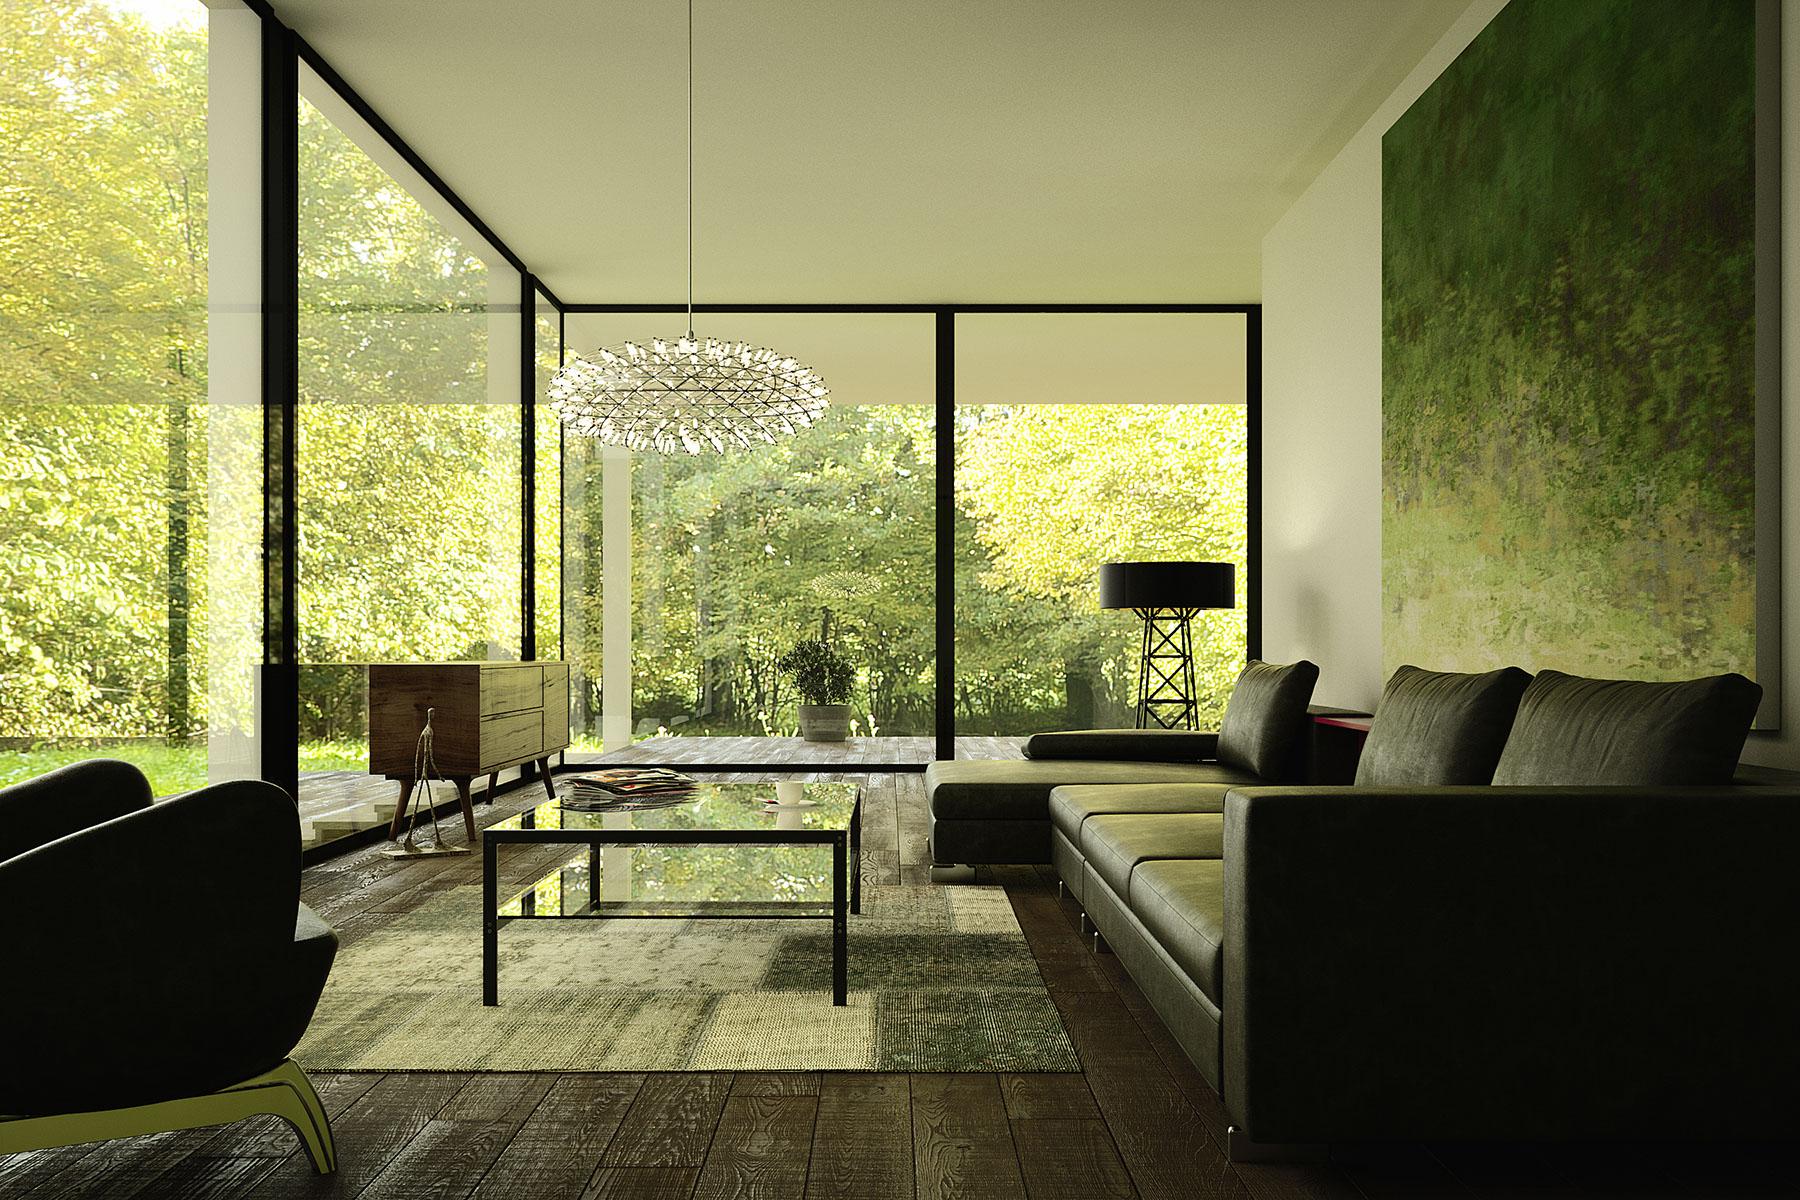 STUDIO 12 Architekturvisualisierung 3D Visualisierung Verkauf Innenraum_Studie_Gruen.jpg